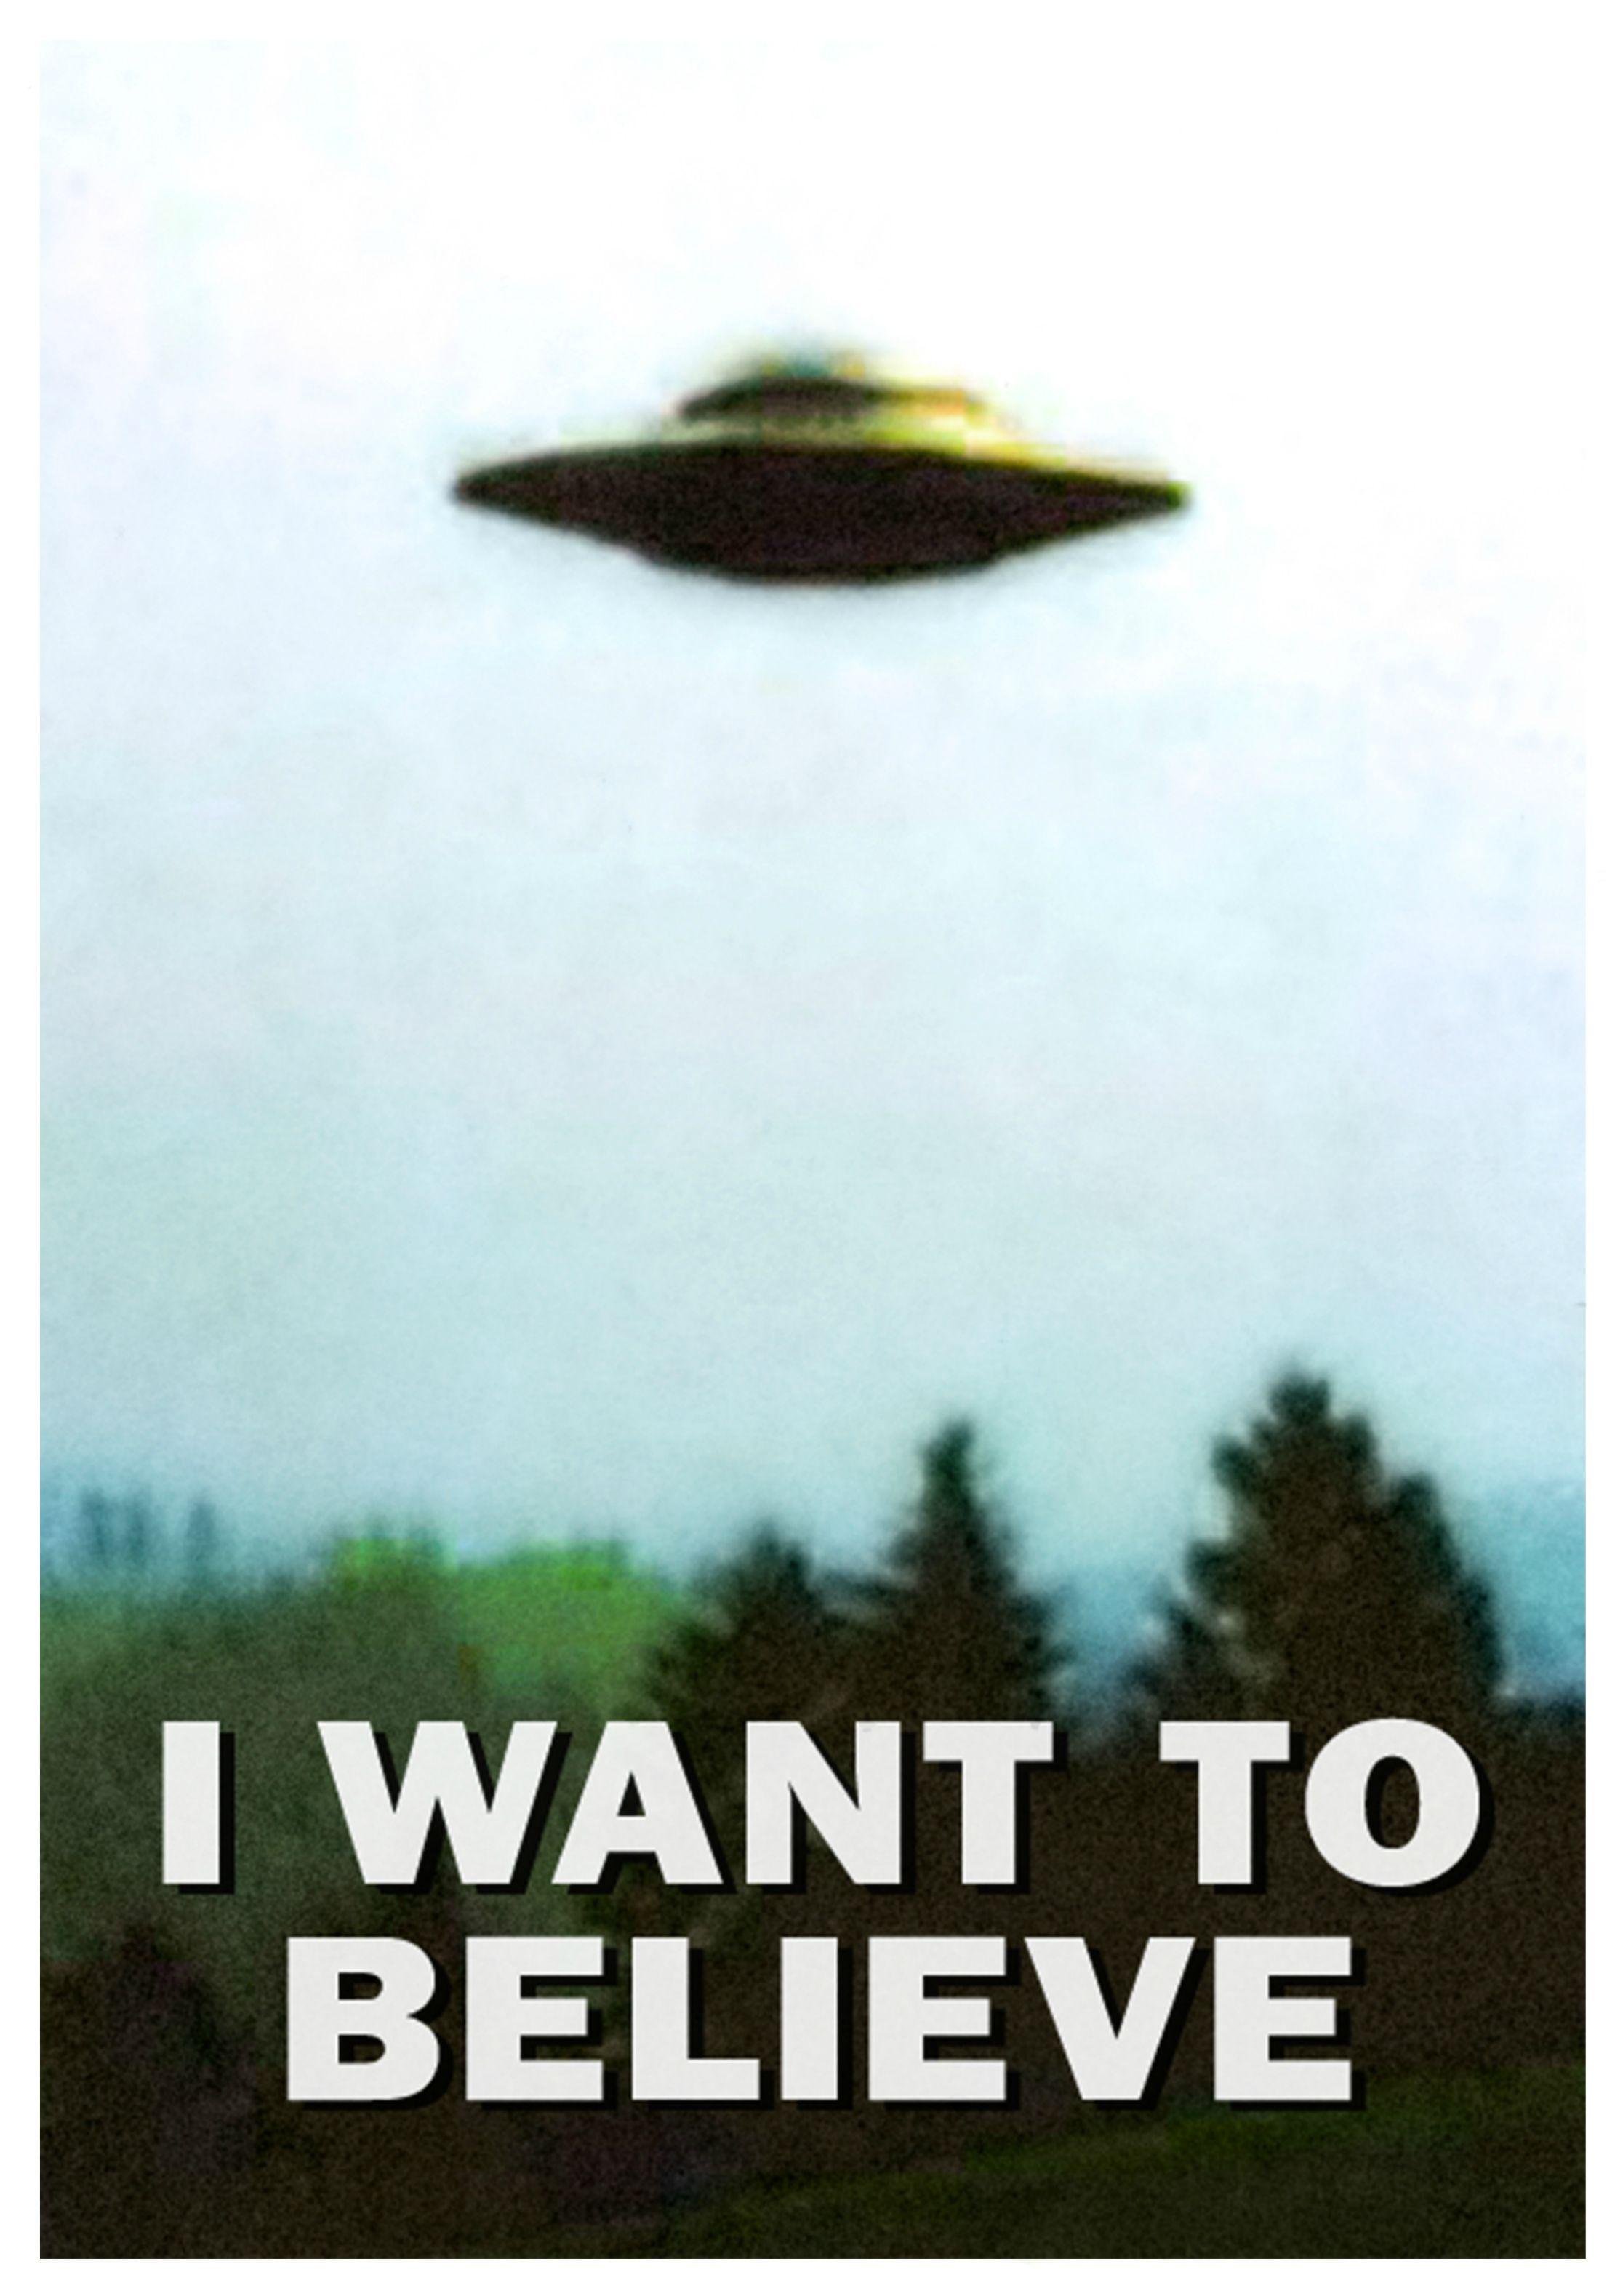 X-Files : aux frontières du réel | Geekzone.fr X Files I Want To Believe Image